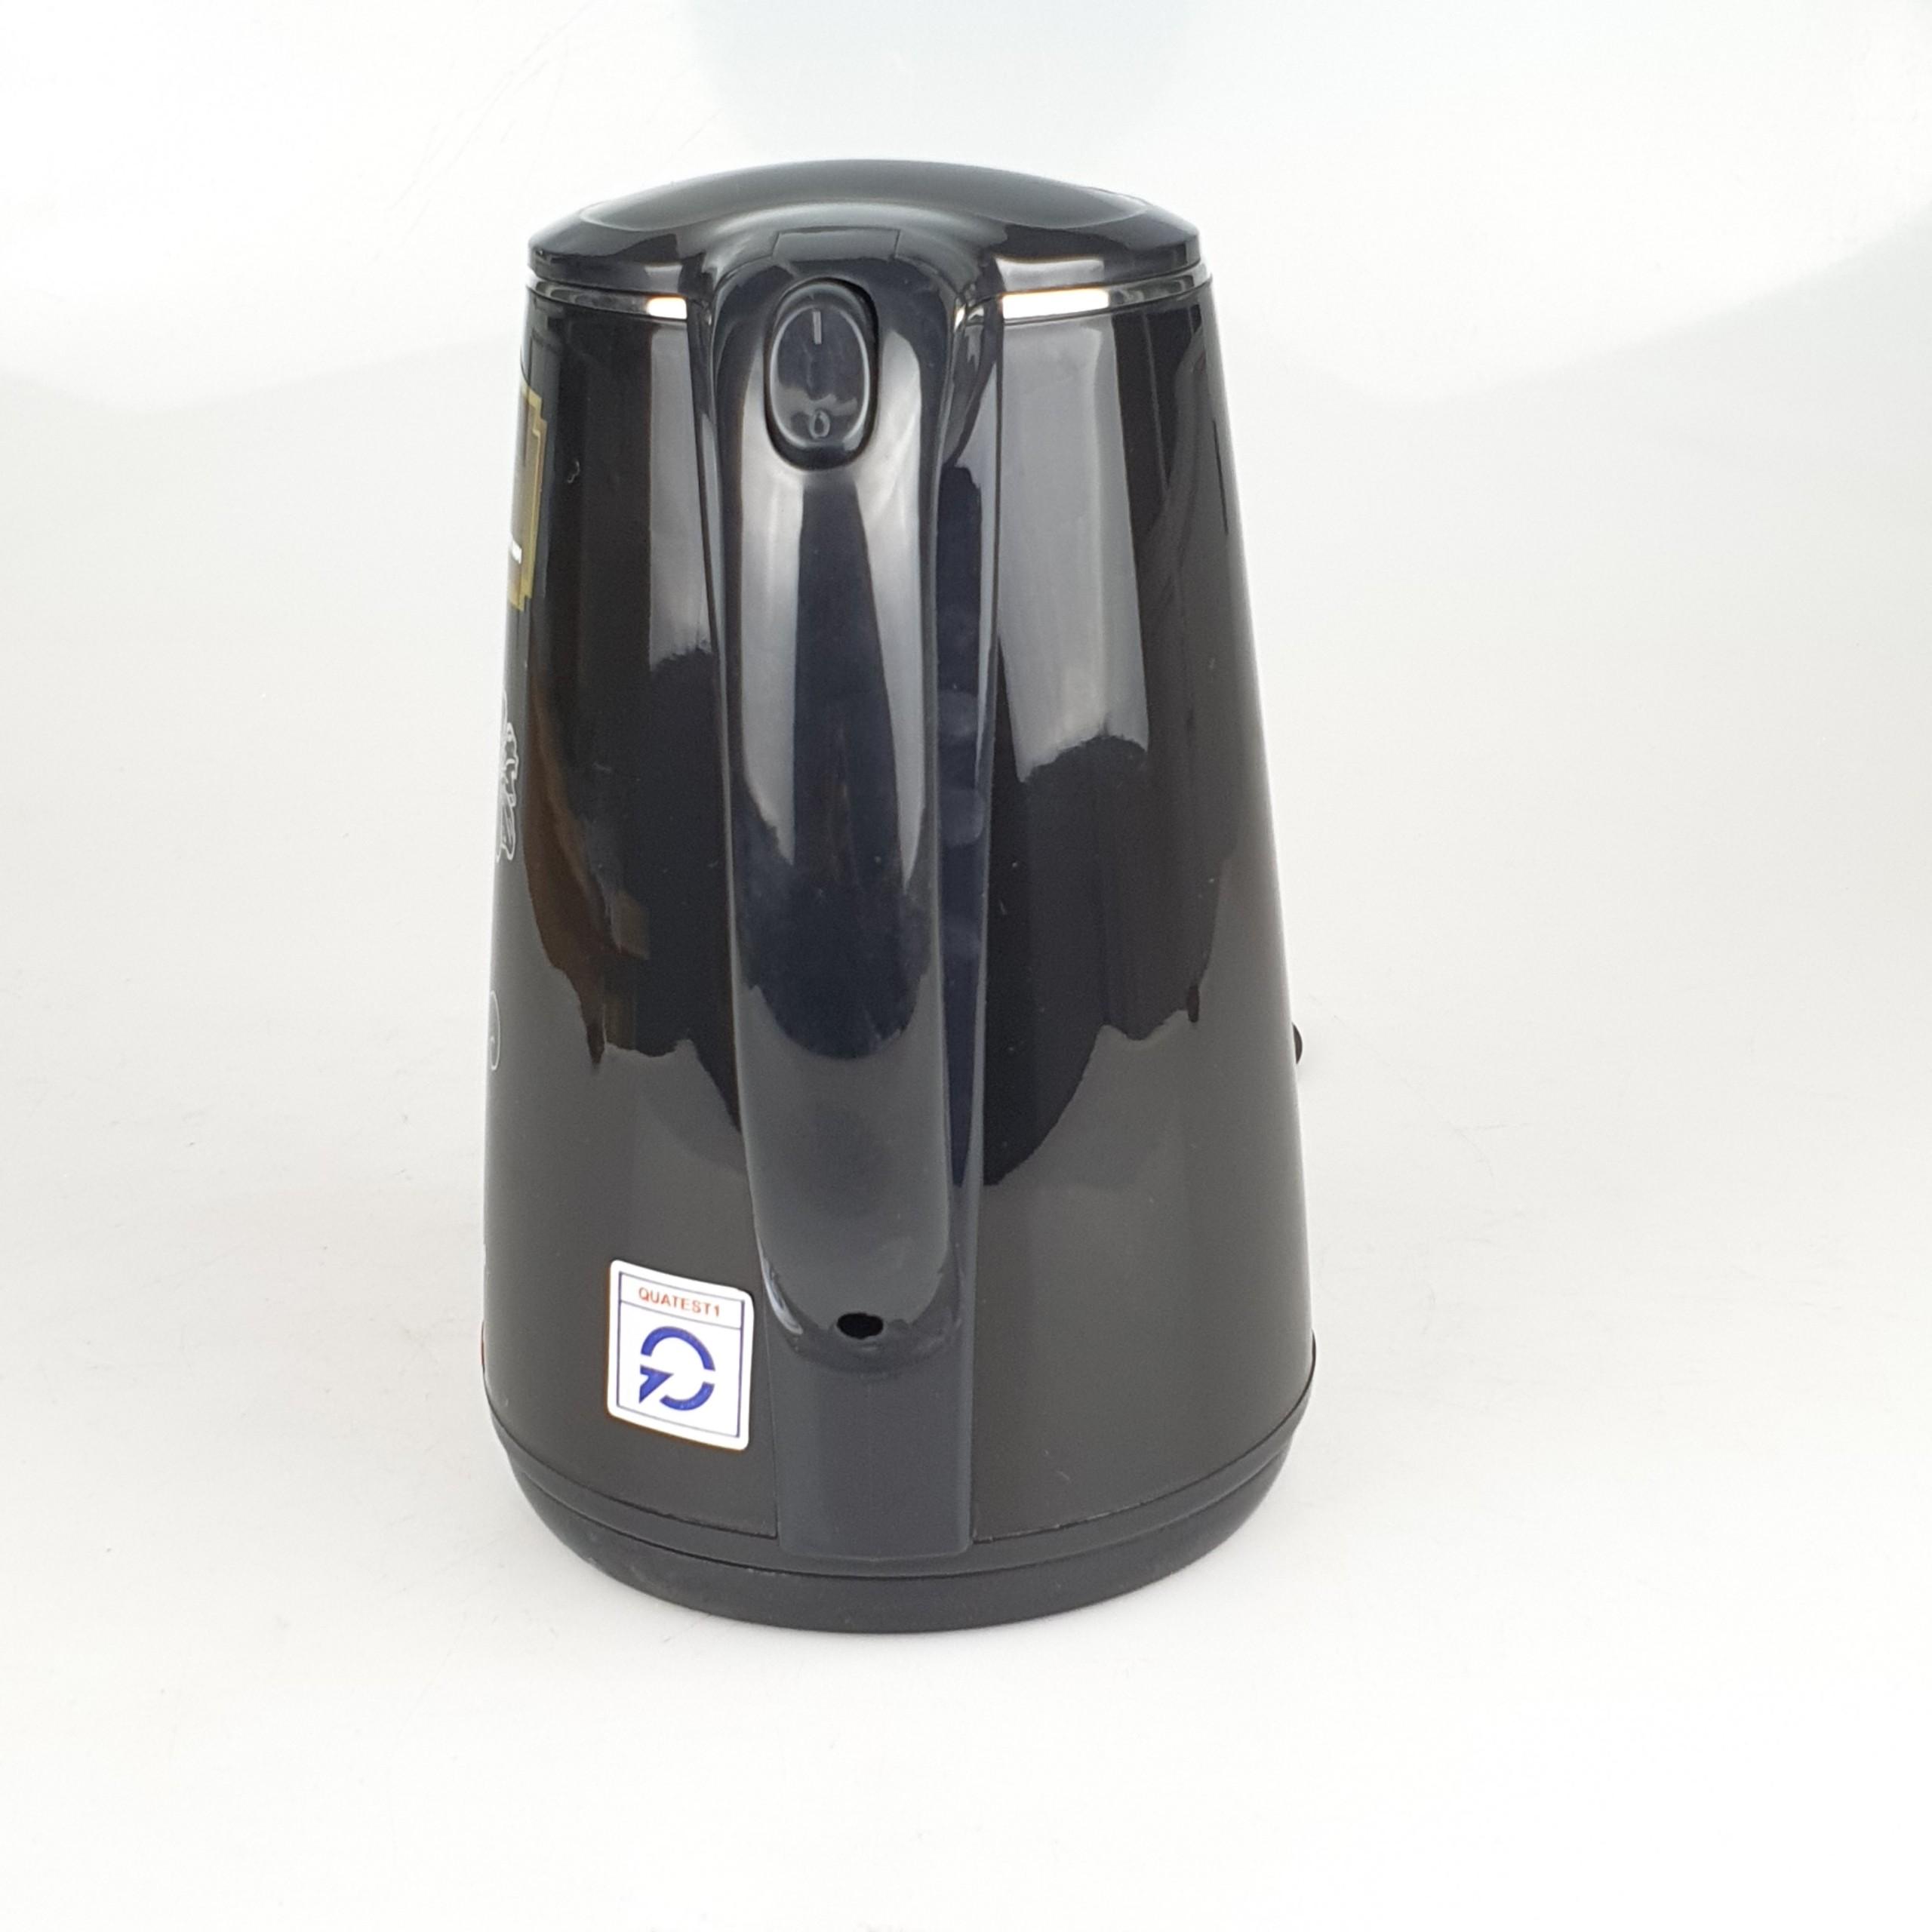 Ấm Siêu Tốc 2L Inox Matika Công Suất 1500W Đế Xoay 360 Độ Chế Độ Tự Ngắt An Toàn - Hàng Chính Hãng